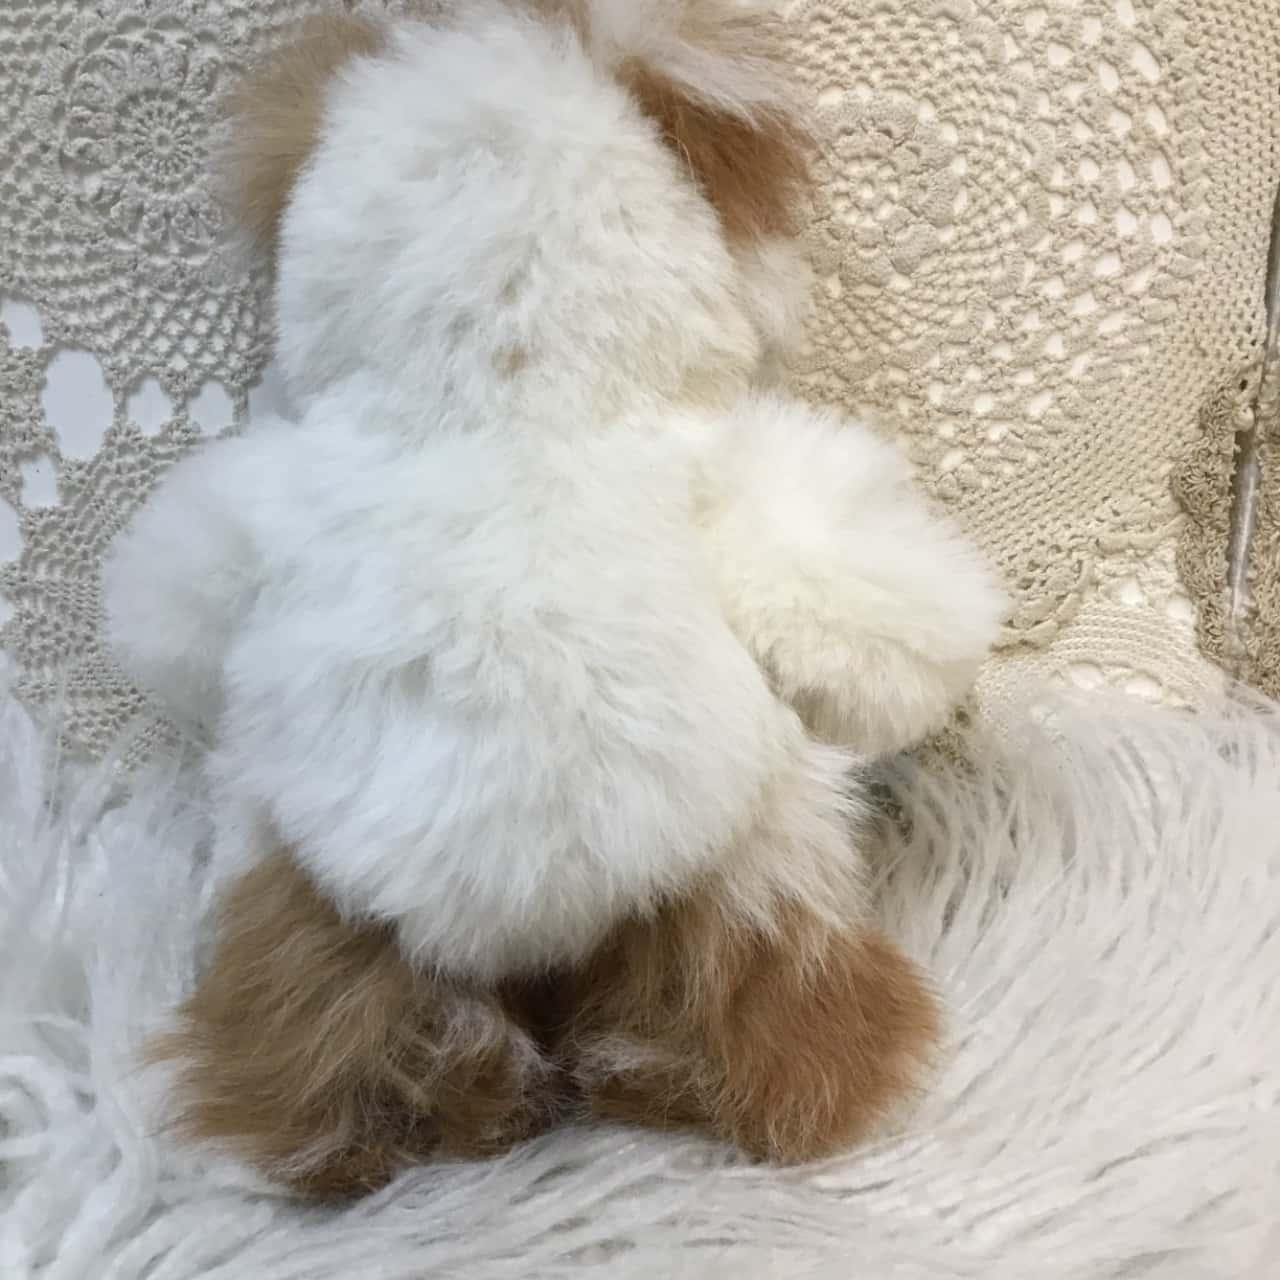 Alpaca Furred Teddy Bear